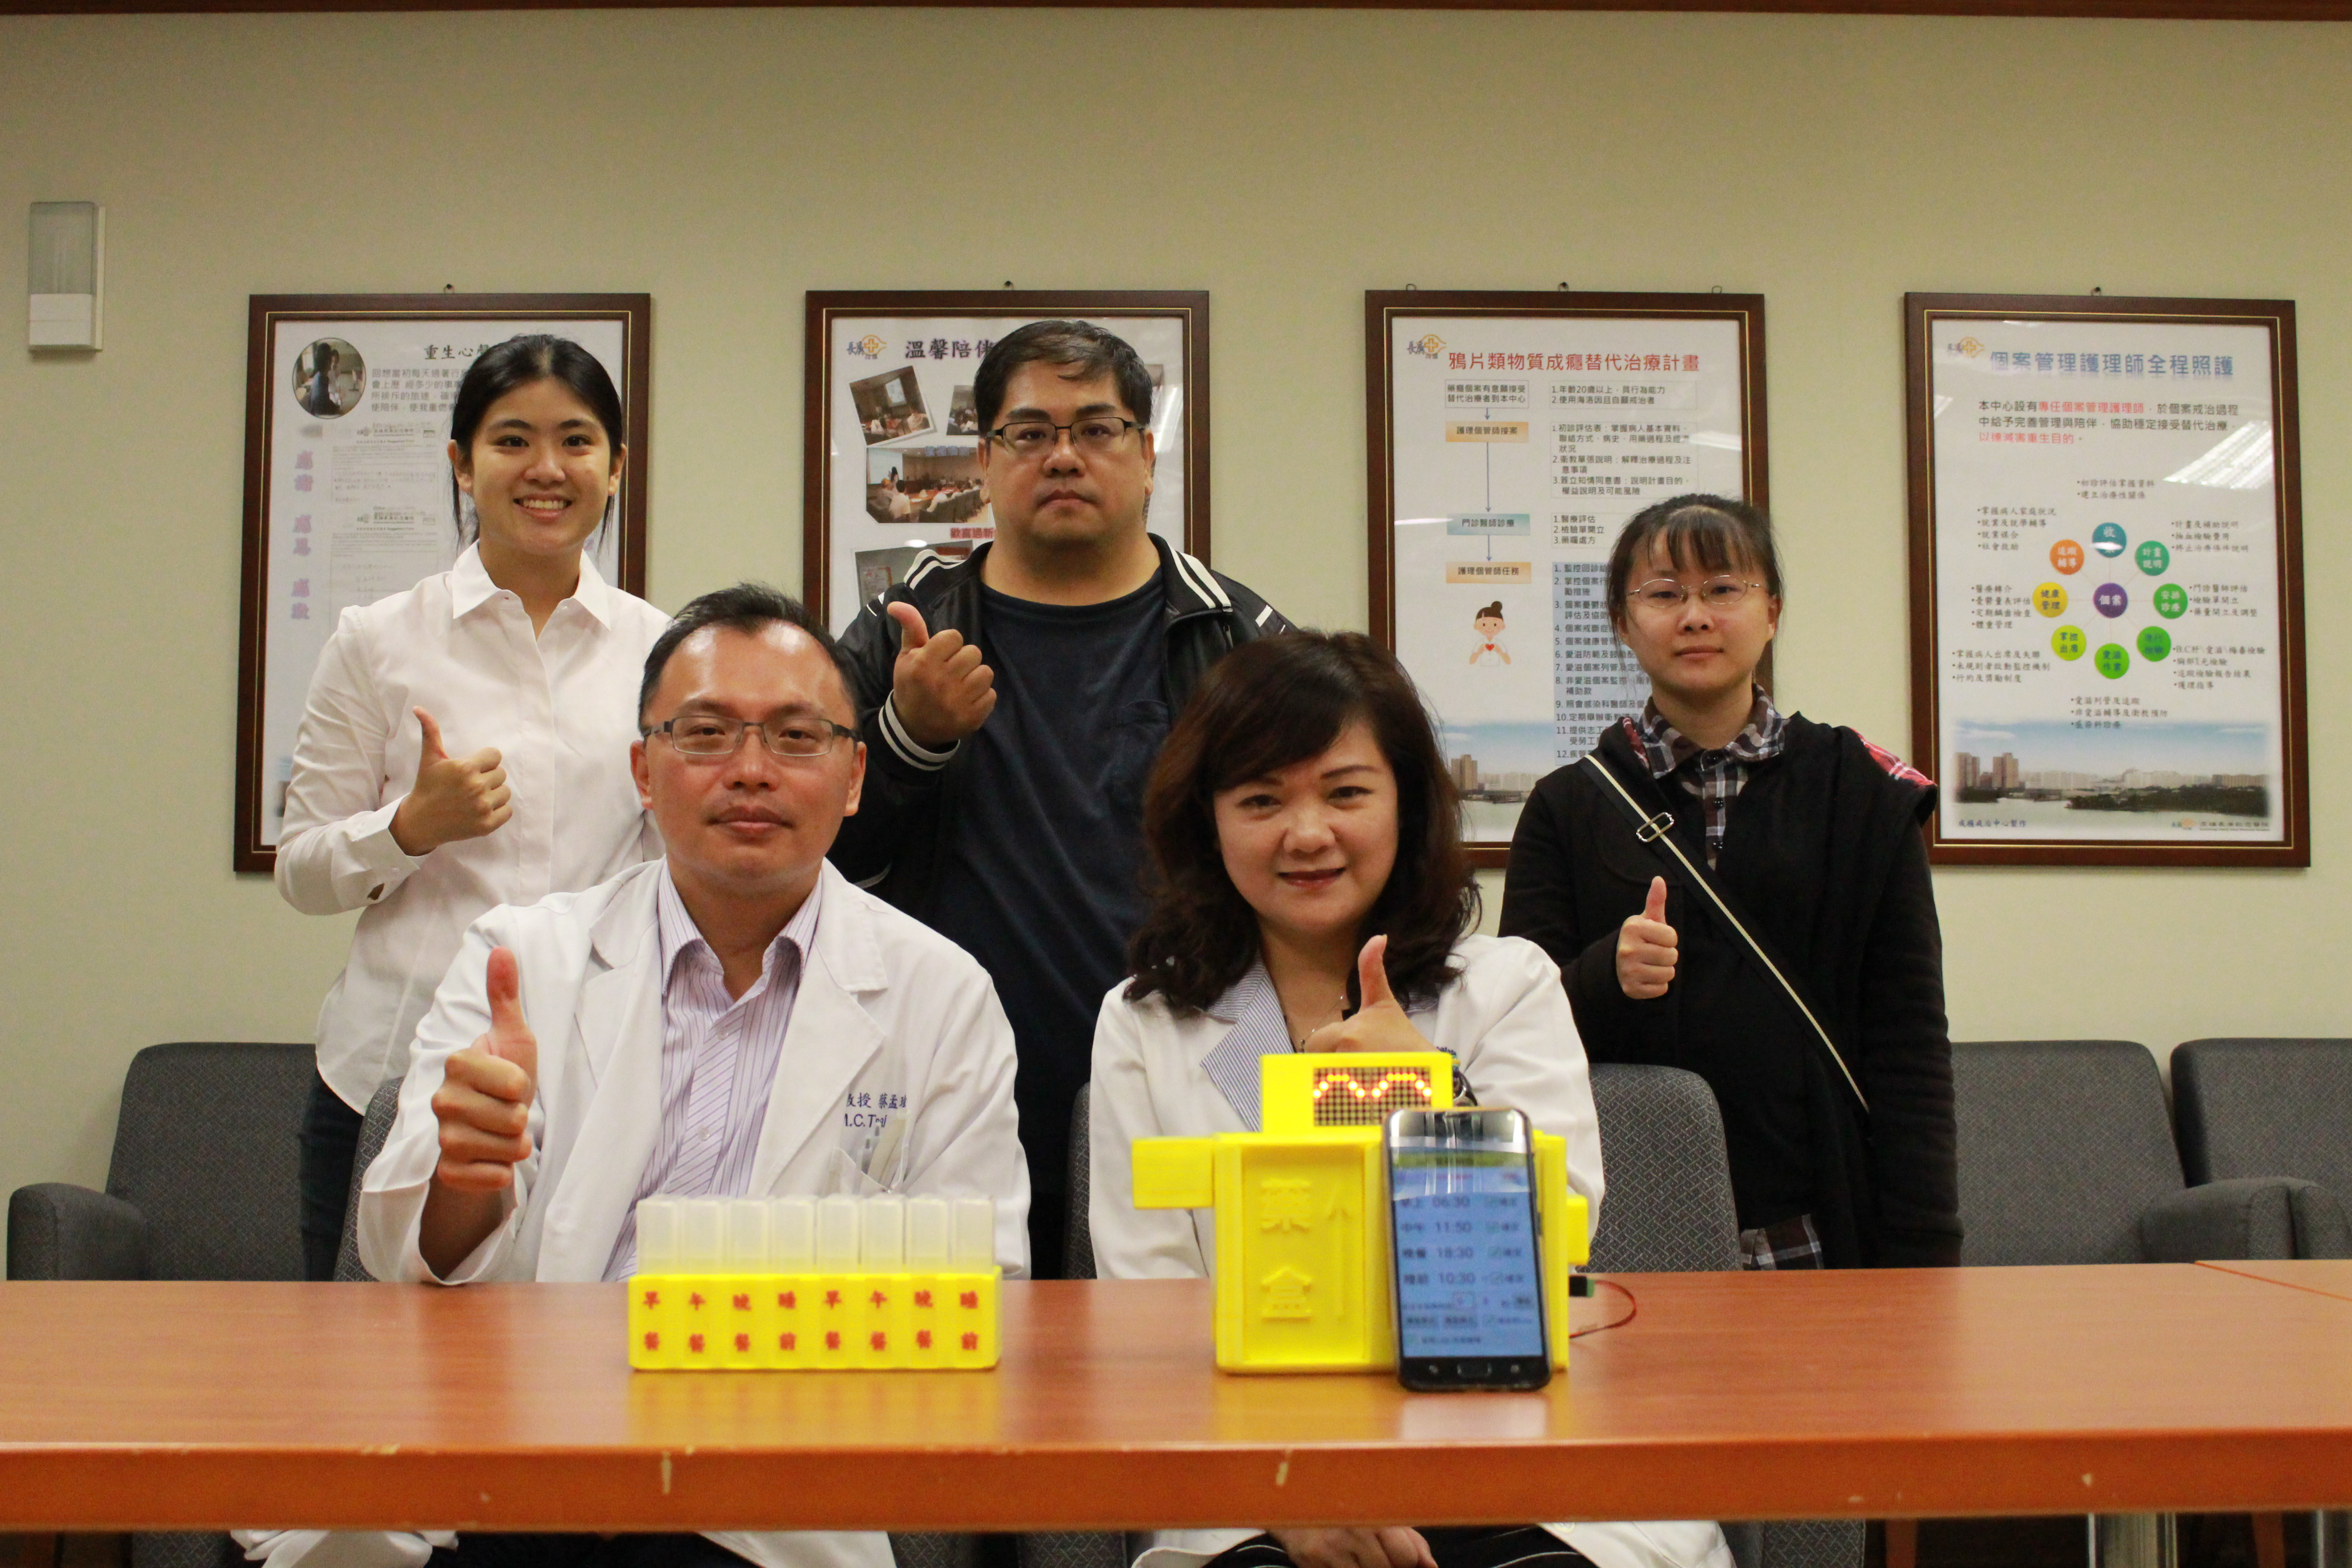 高雄長庚醫院與正修科大聯手開發一款「智慧藥盒」,設定好吃藥時間,藥格子就會主動彈出,提醒長輩吃藥。